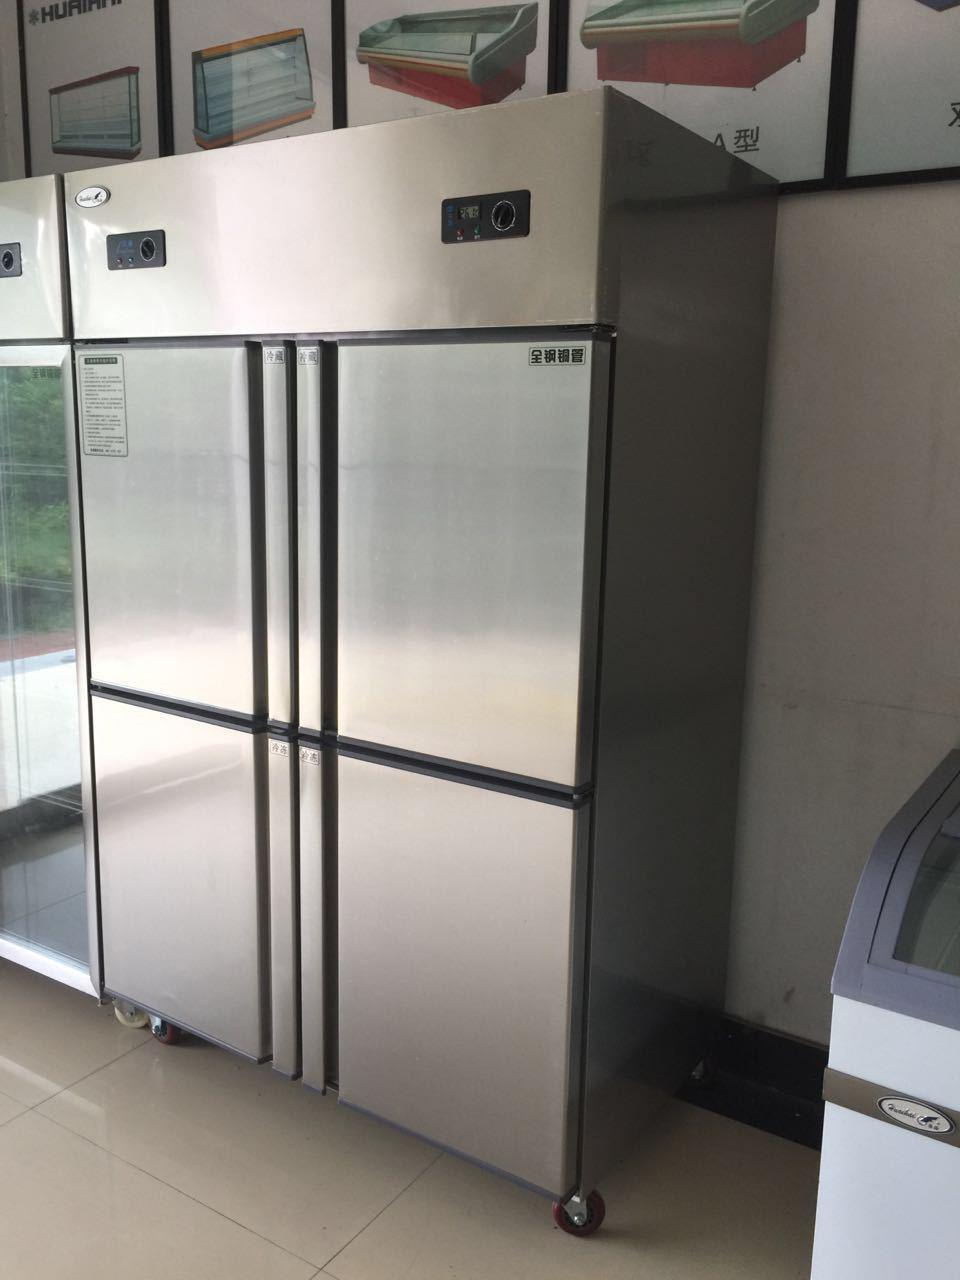 Warm te koop goedkope prijs commerciële keuken 4 deur rvs koelkast ...